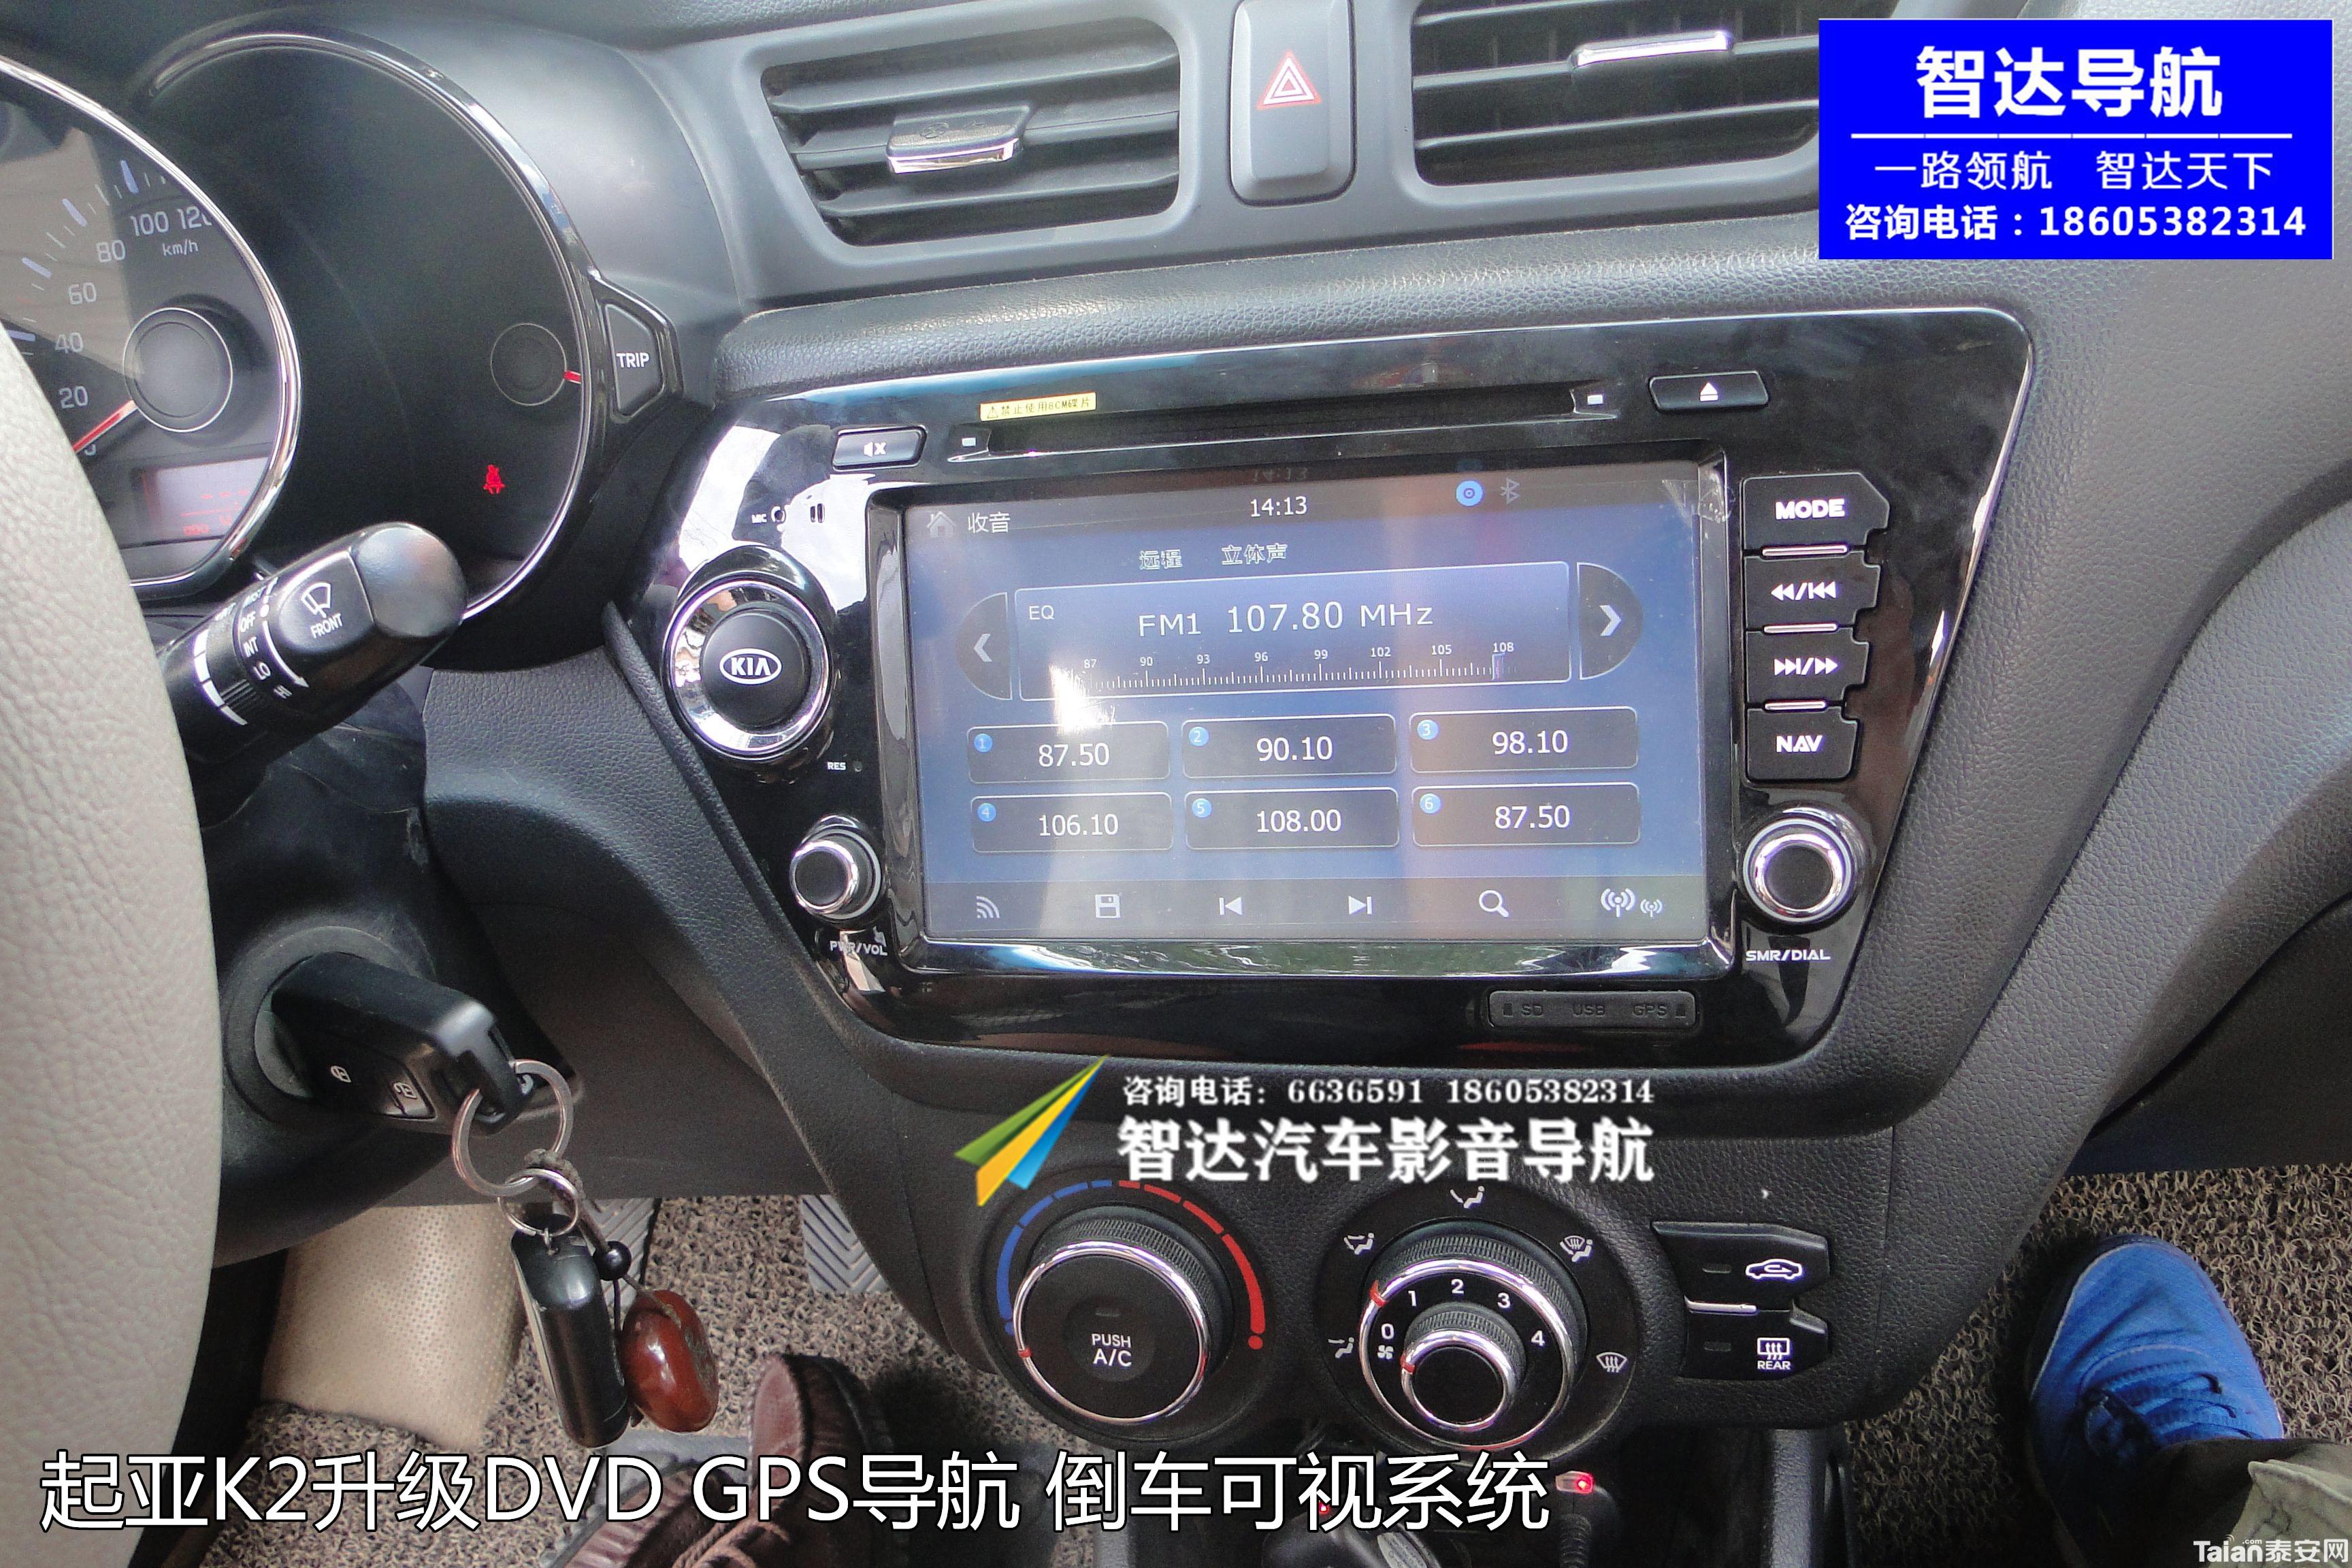 泰安导航 泰安汽车导航 智达导航 起亚k2升级改装dvd导航